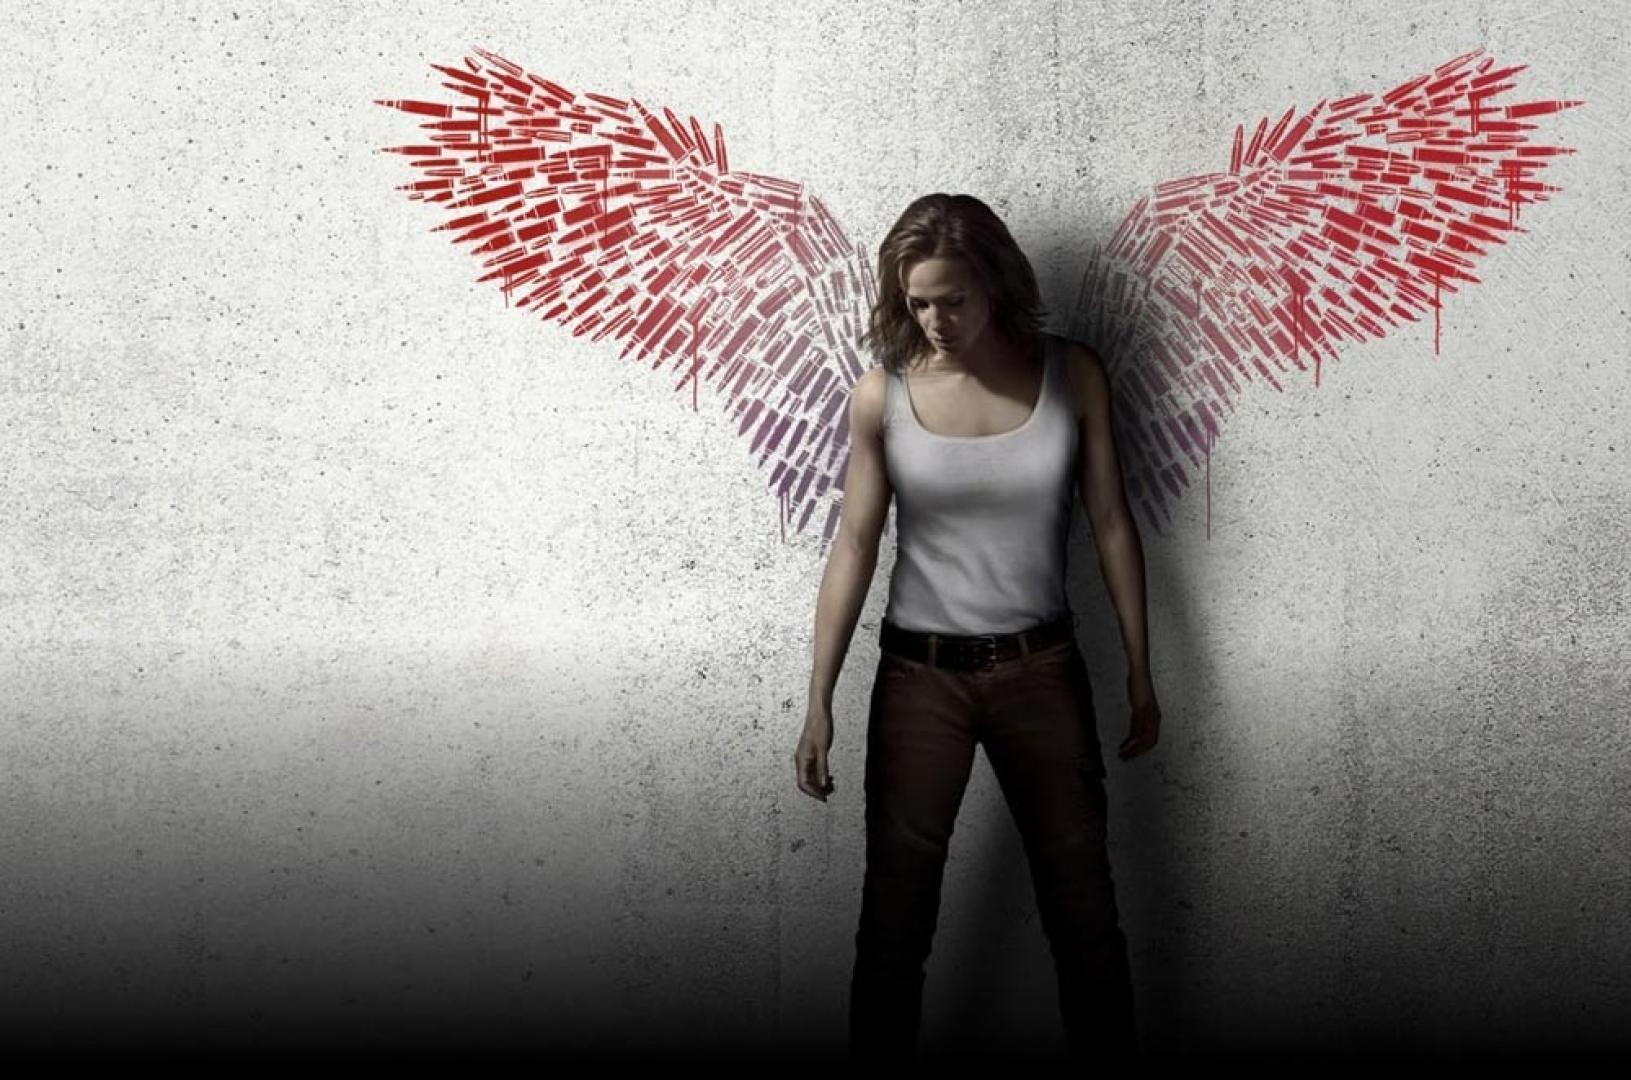 Szinkronizált előzetes a Peppermint - A bosszú angyalához